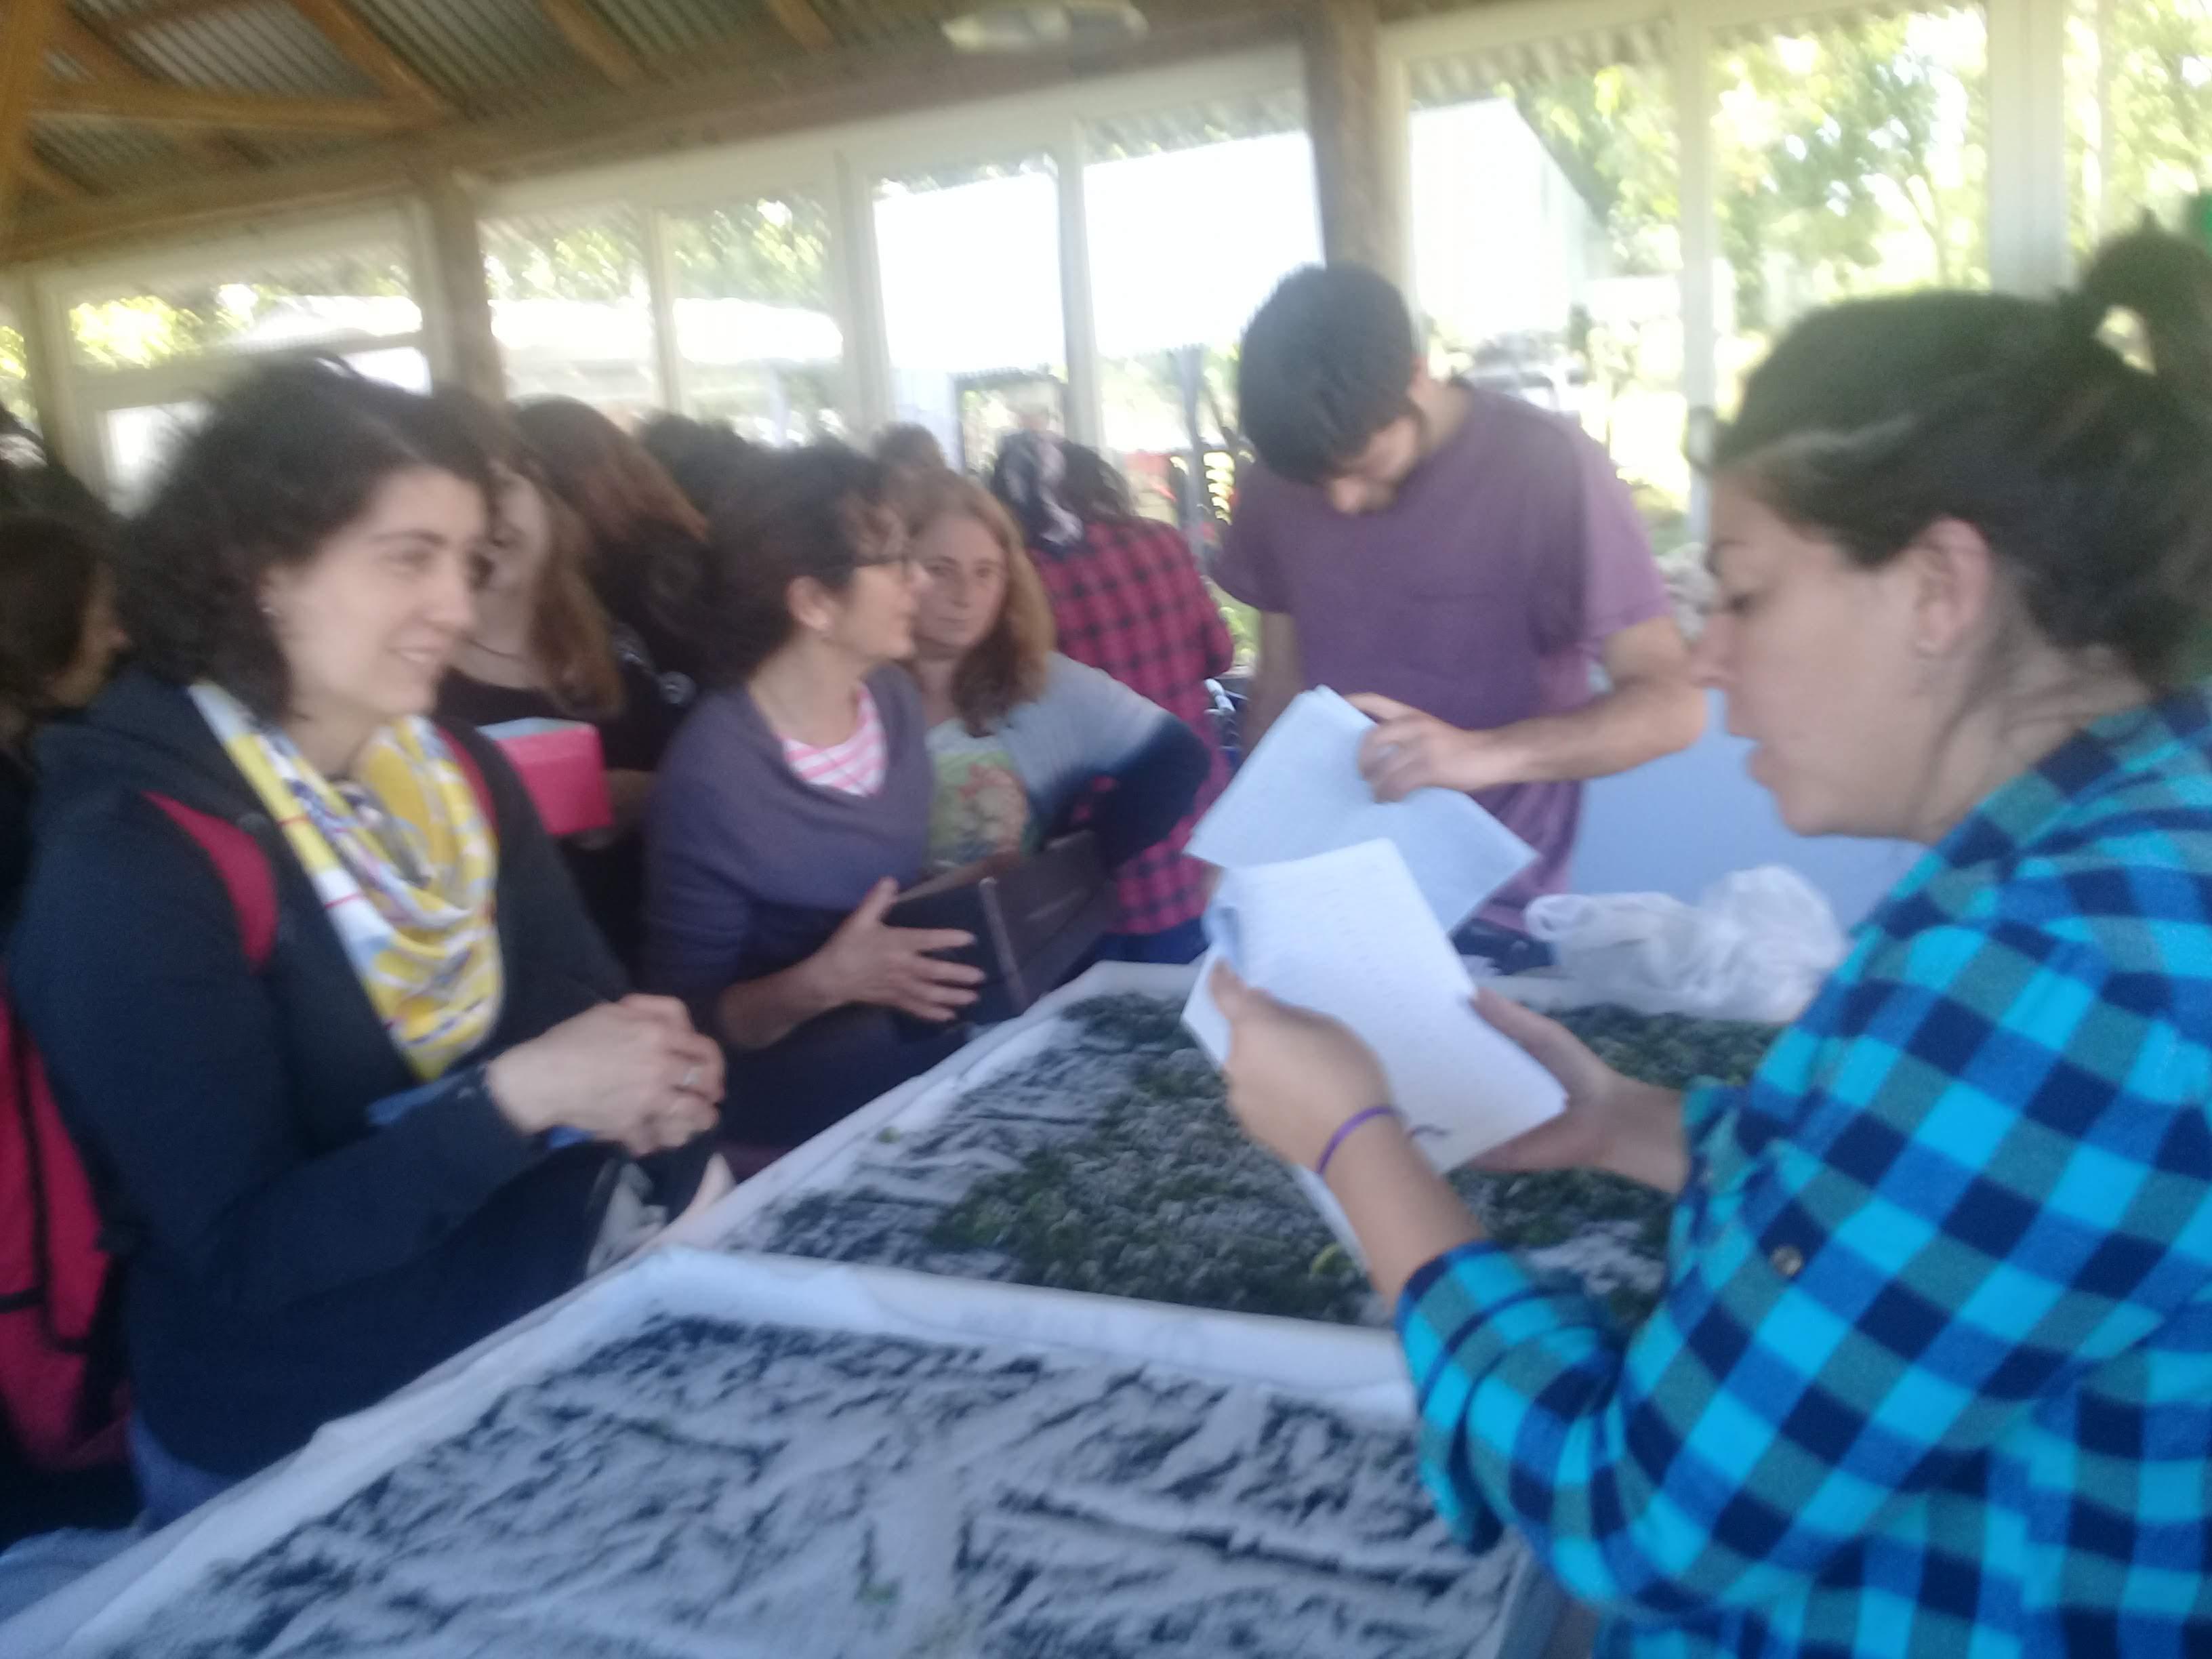 Los docentes recibieron larvas de gusanos de seda para iniciar actividades de capacitación con sus alumnos